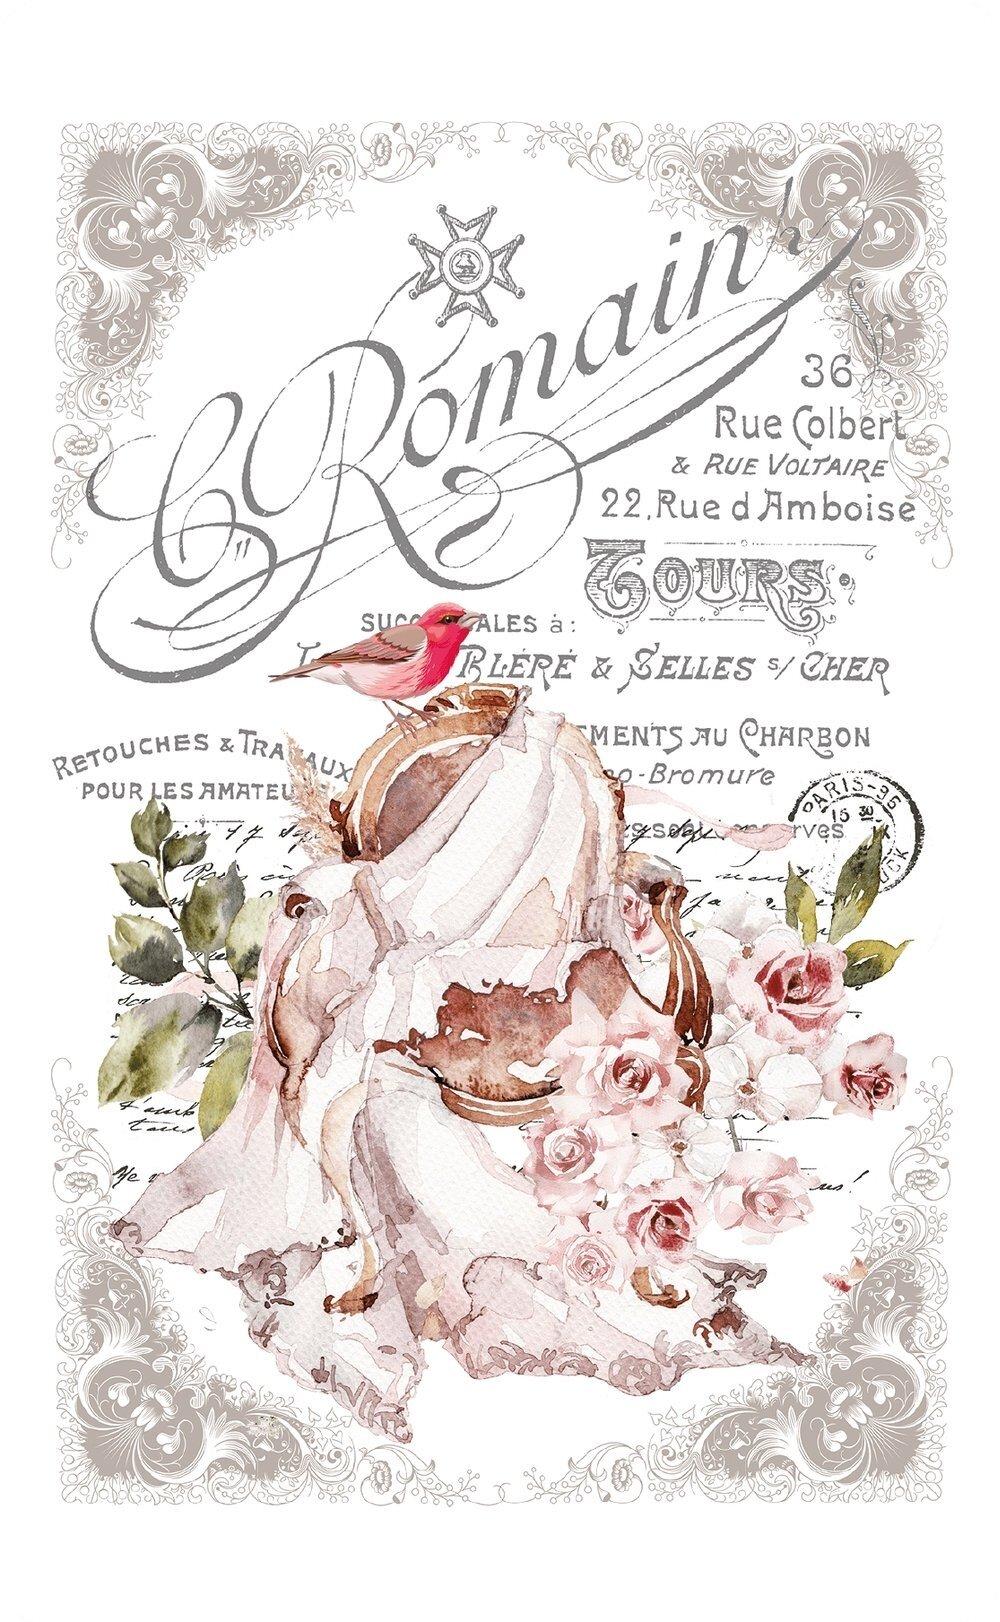 Hokus Pokus Transfer Les Roses